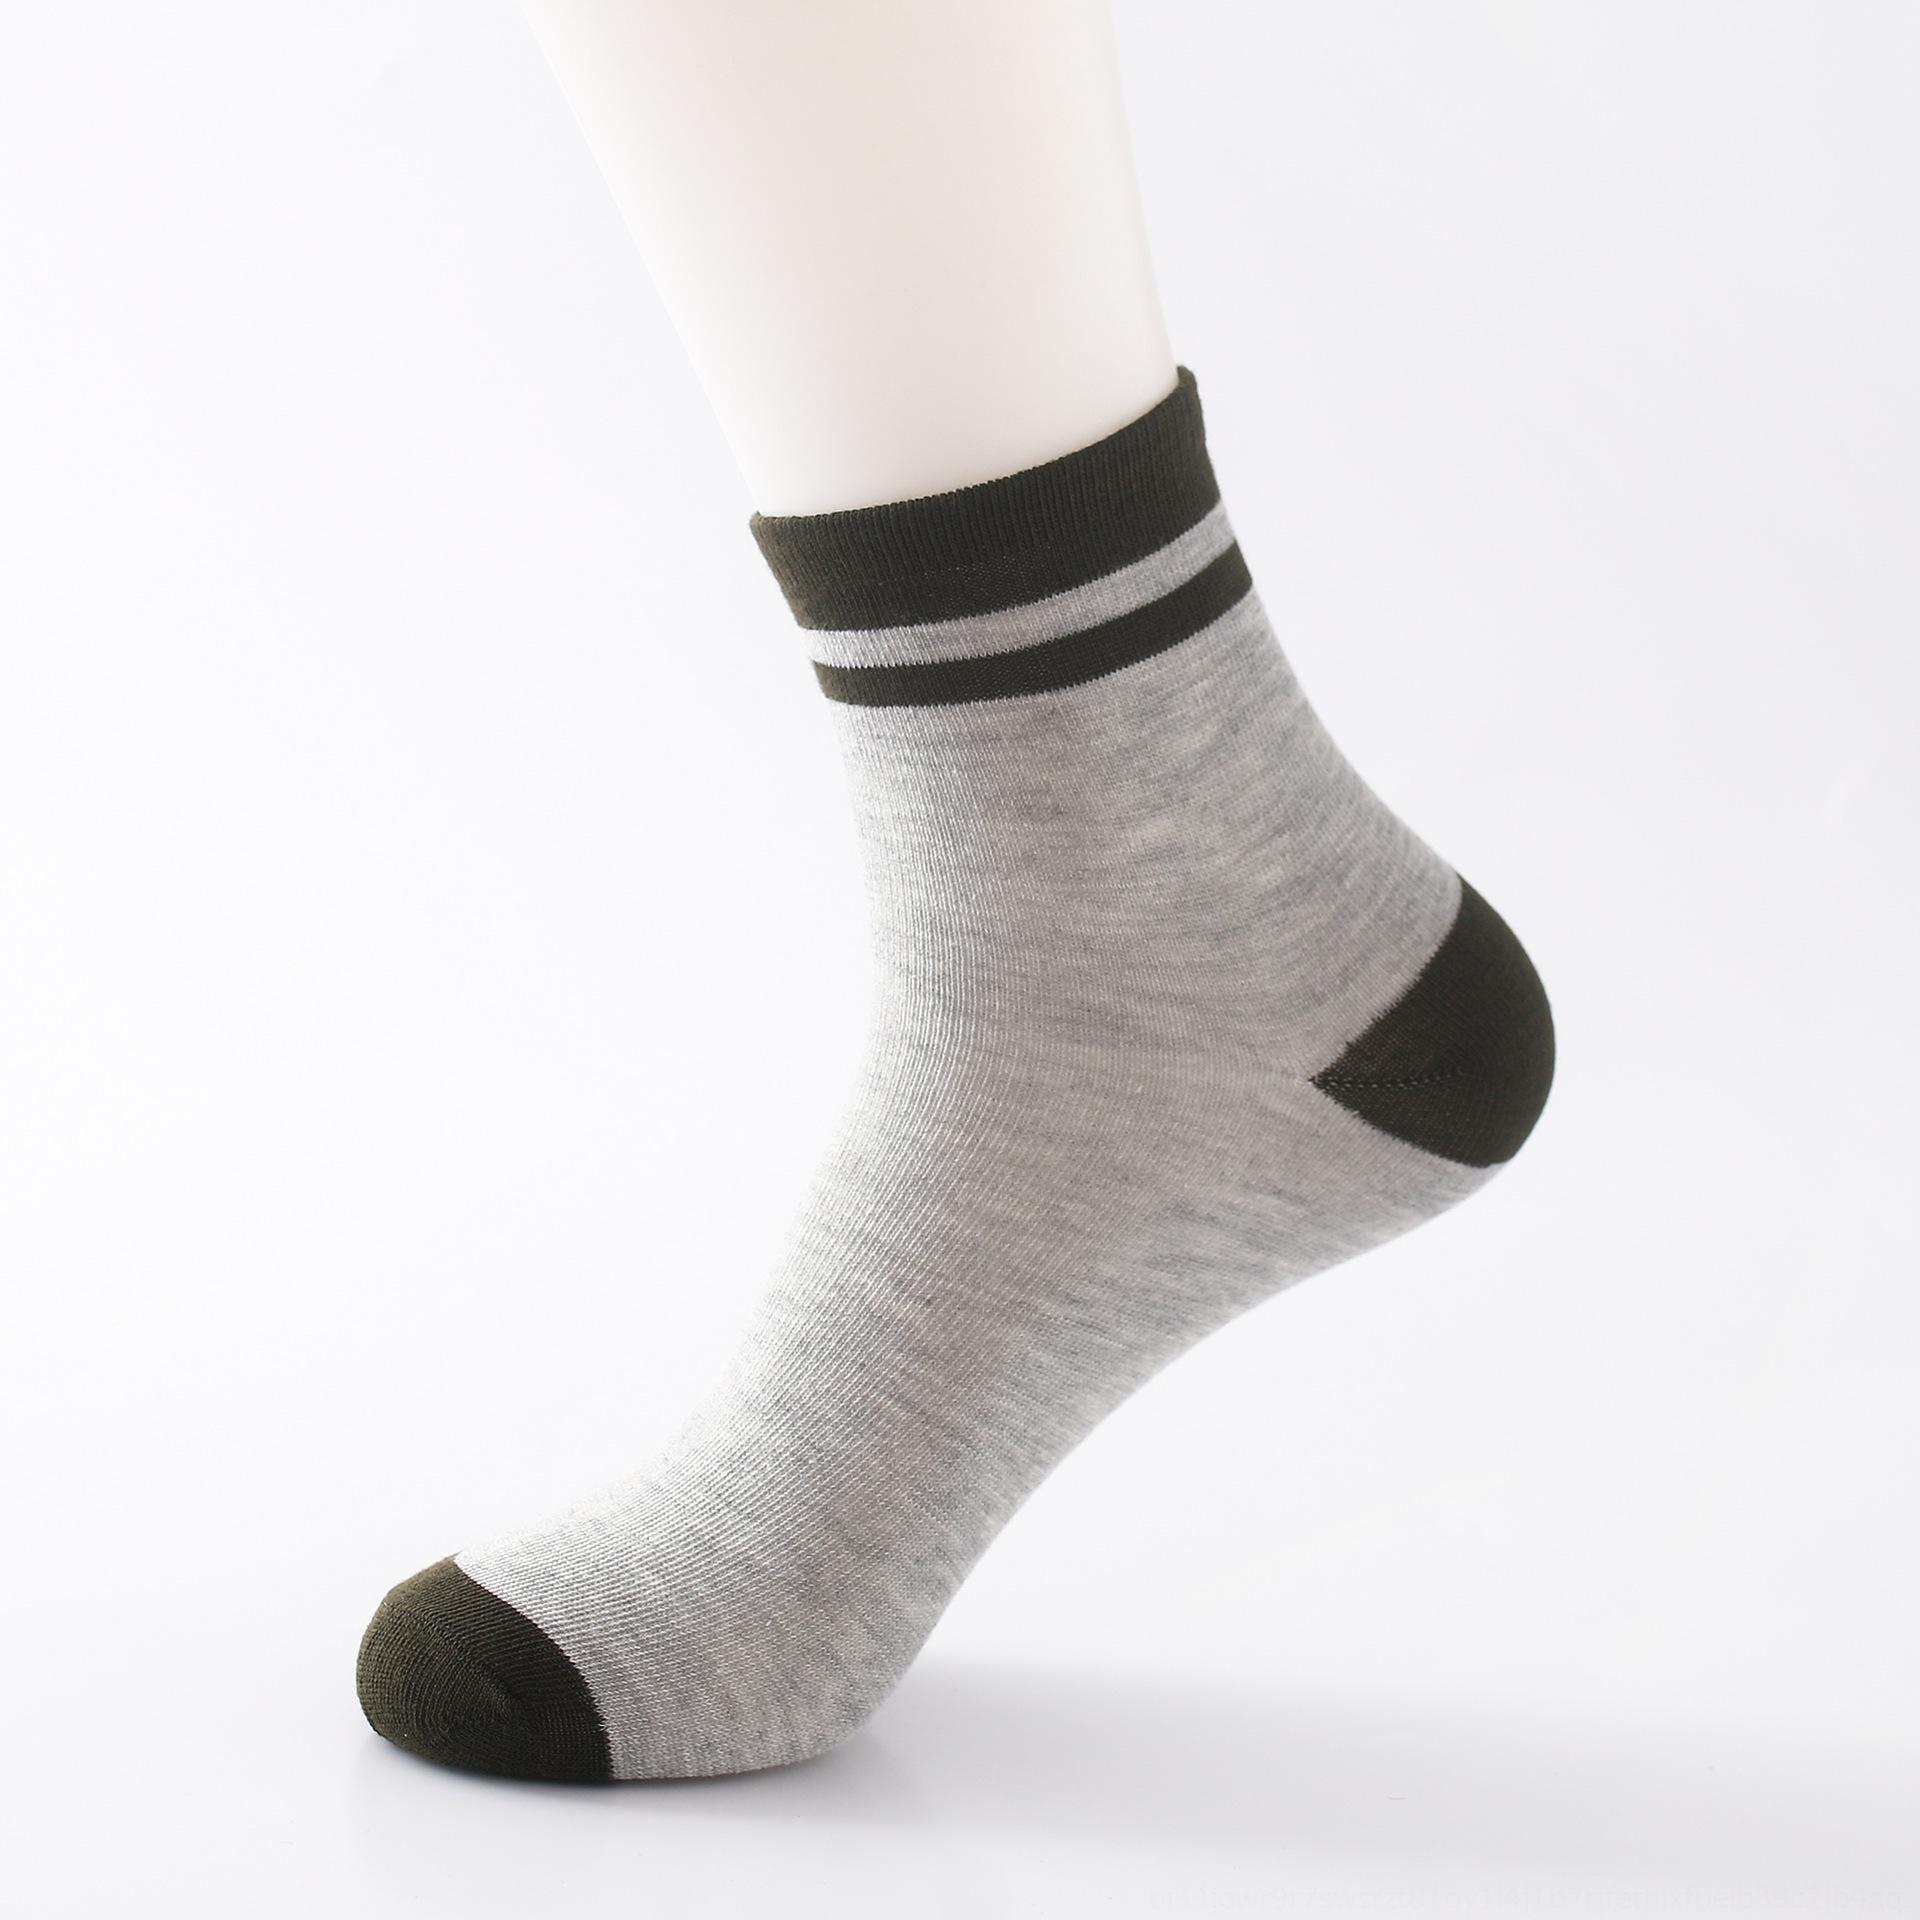 XgvYC 168-контактный пот-поглощающие средней трубки длинные носки противоскользящей мужские спортивные 168-контактный пот-поглощающие средней трубки длинные носки теплые противоскольжения меня